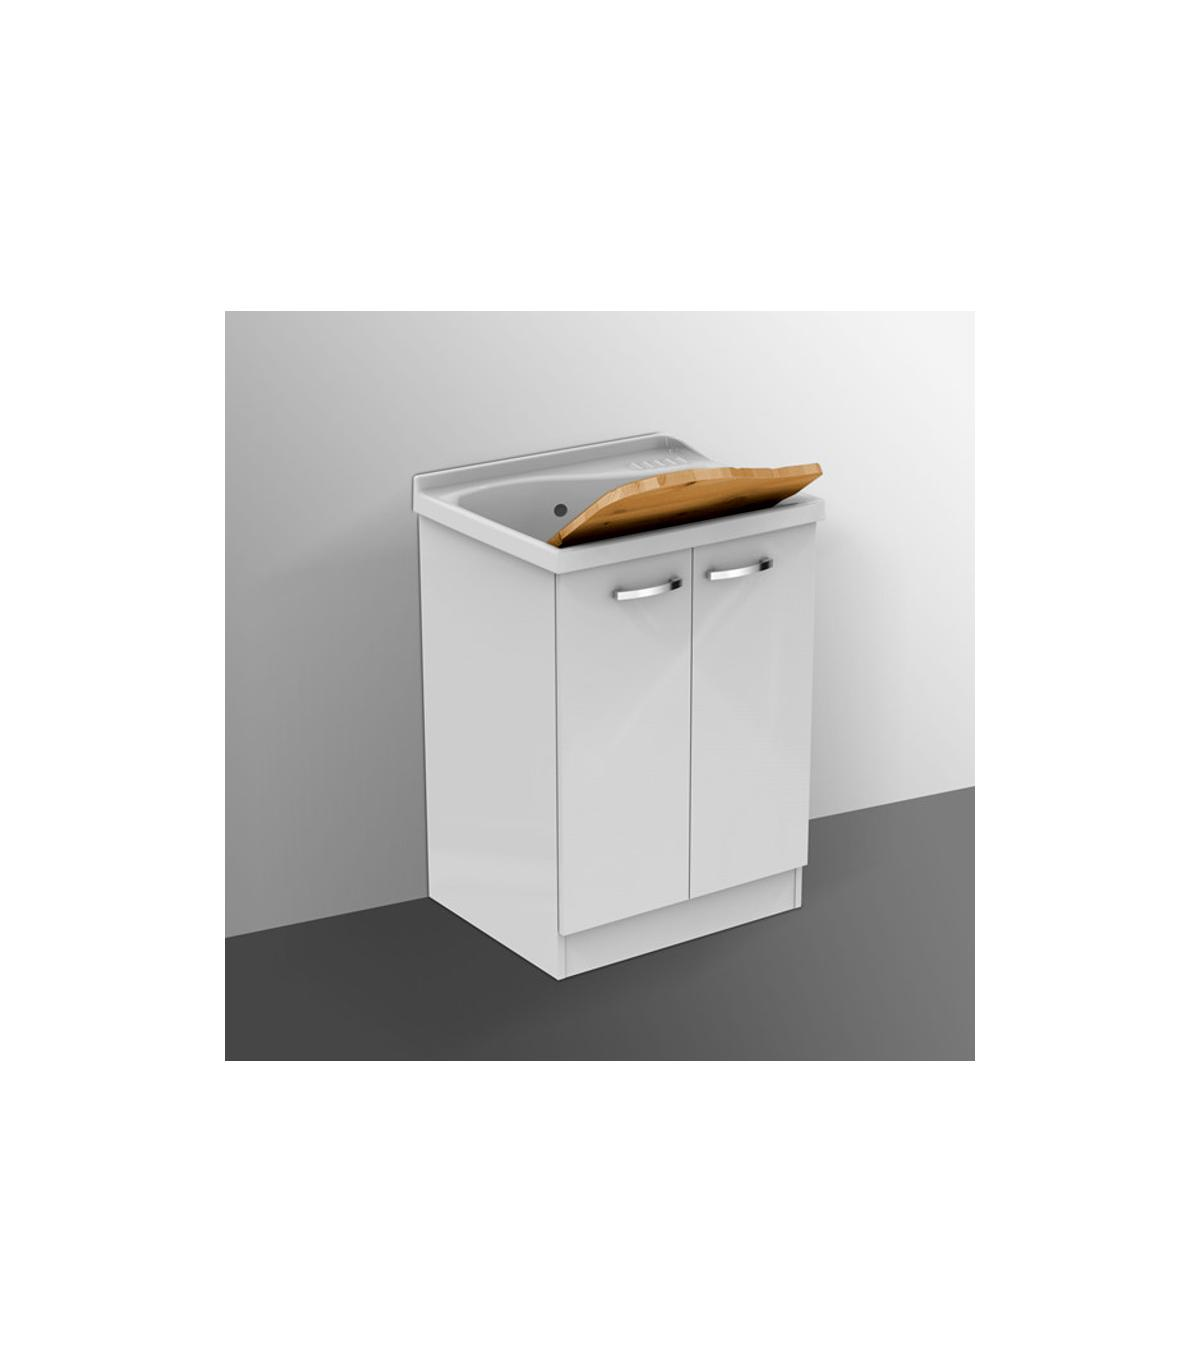 Lavatoio Ceramica Con Mobile.Mobile Per Lavatoio Lago Ceramica Dolomite Con Asse In Legno